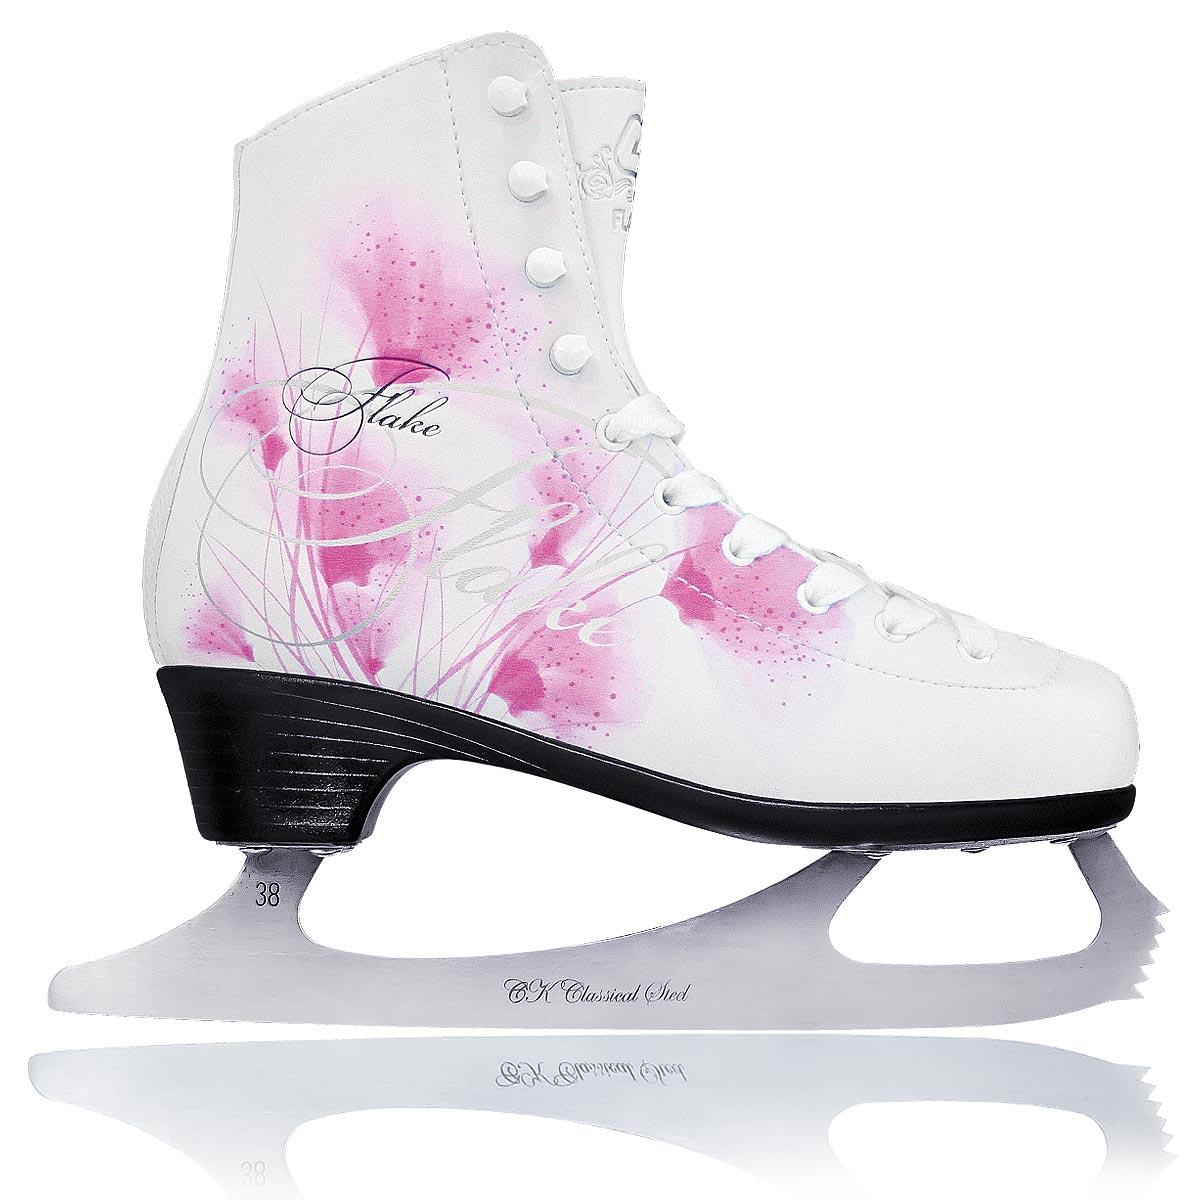 Коньки фигурные для девочки CK Flake Leather, цвет: белый, фуксия. Размер 33FLAKE leather_белый, фуксия_33